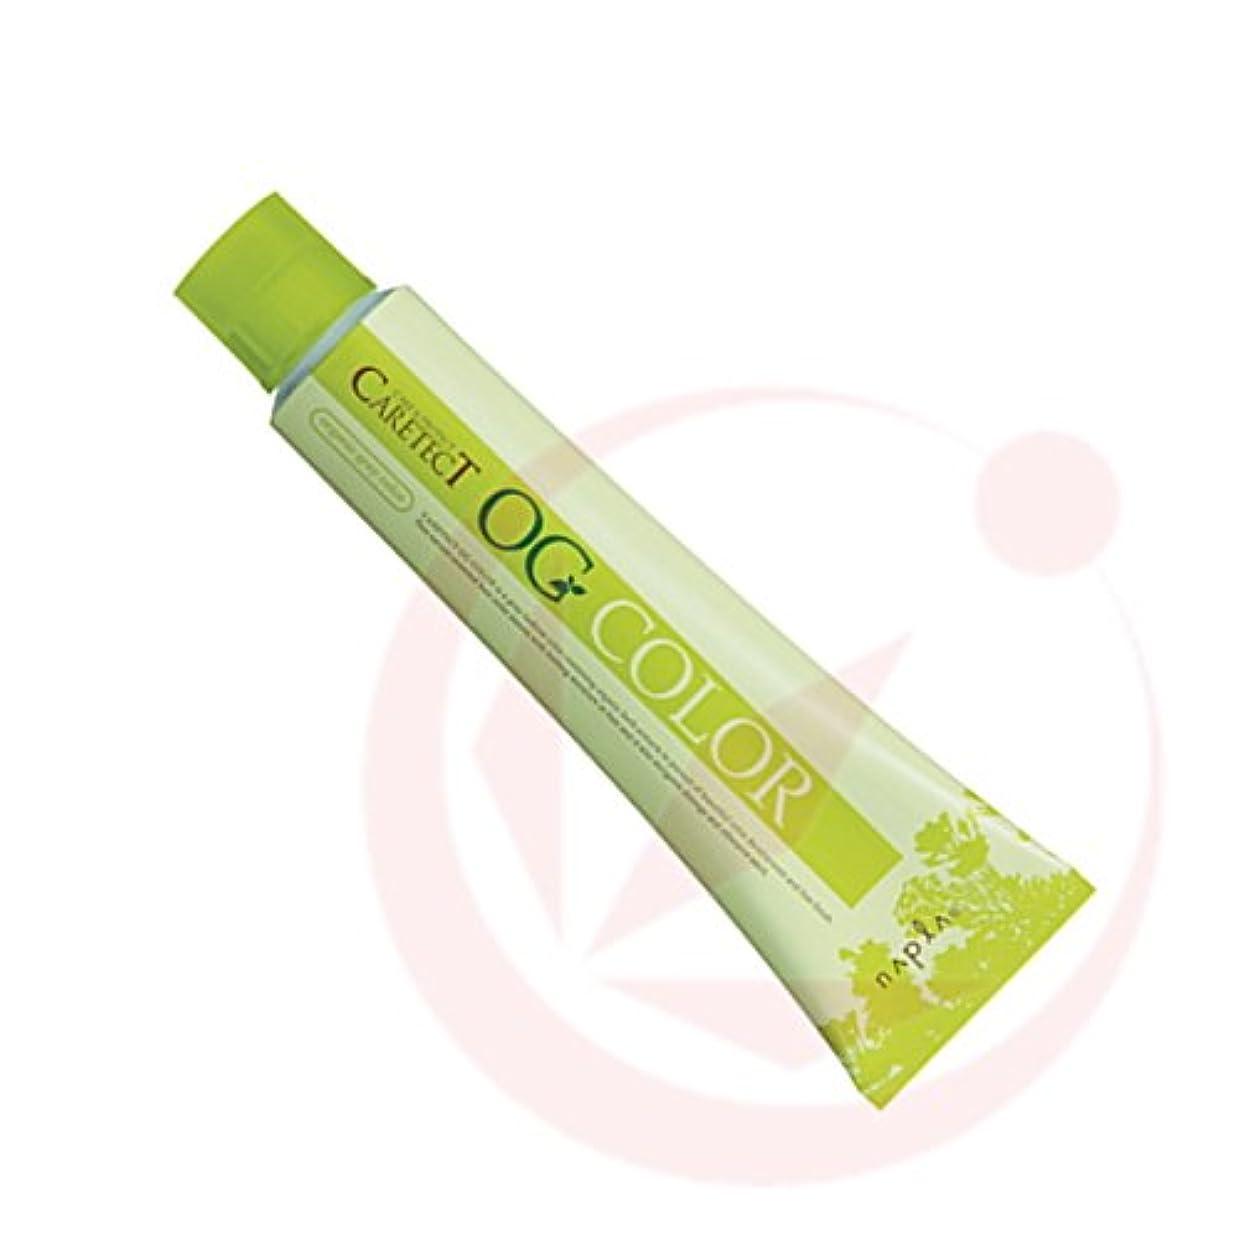 リマヒューム食べるナプラ ケアテクトOG カラー ナチュラル 80g(1剤) 【ナチュラル】O-N5